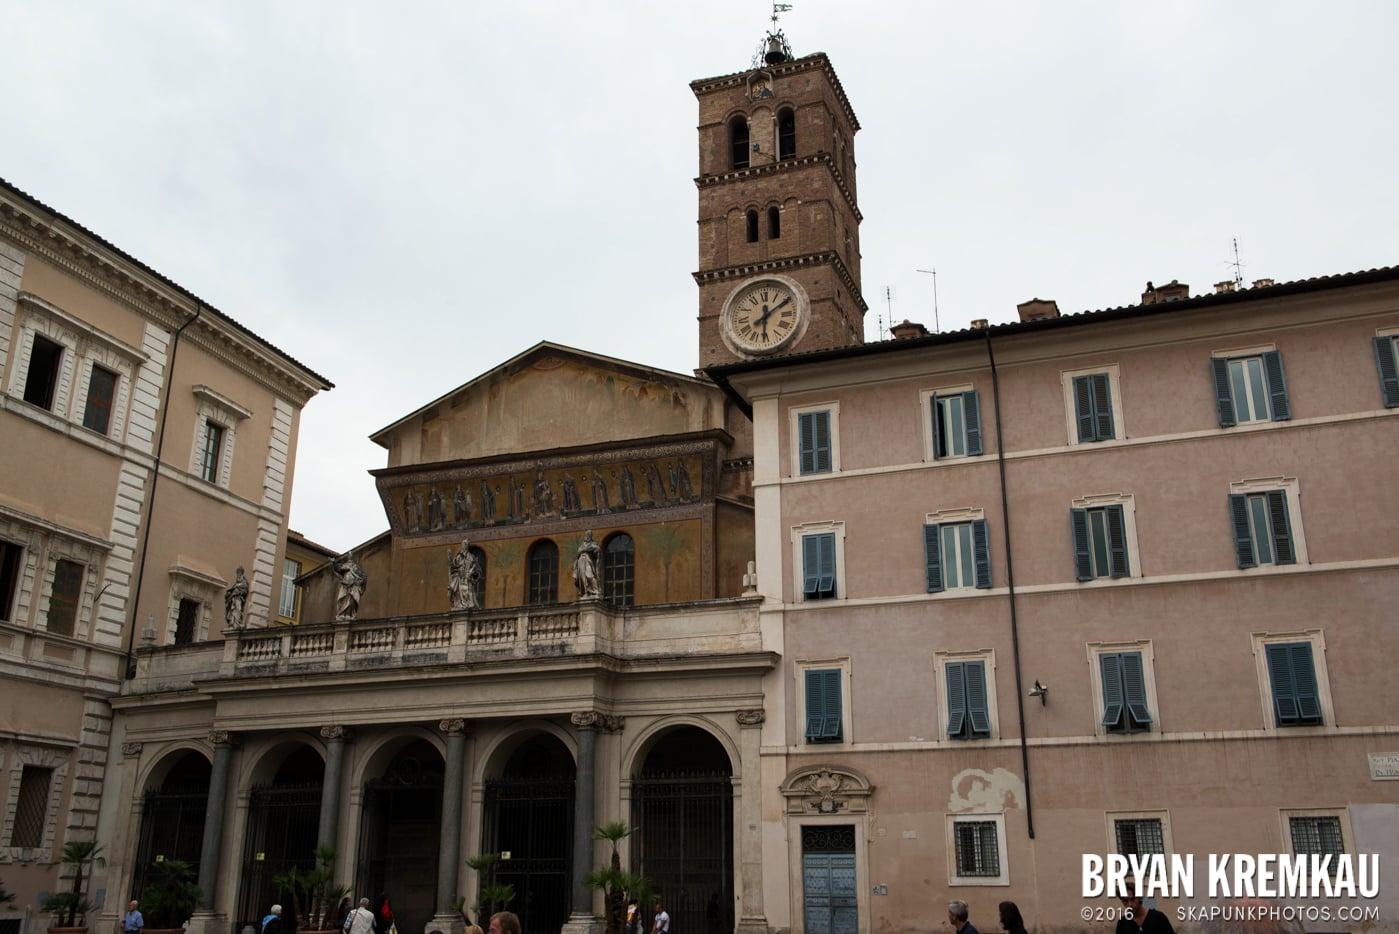 Italy Vacation - Day 2: Rome - 9.10.13 (32)